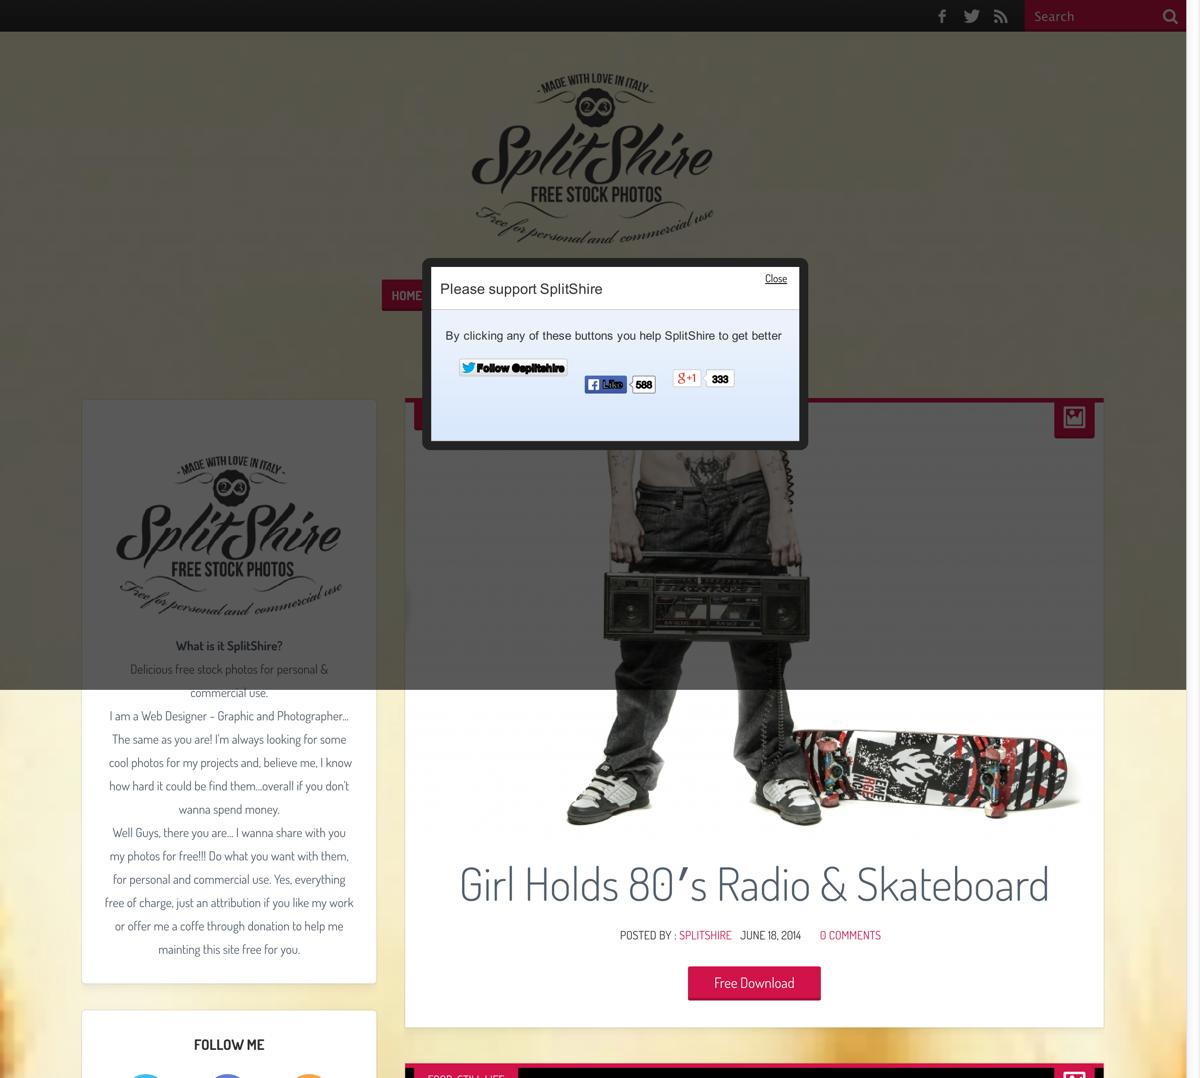 20140621 25 Free Stock Photo Websites